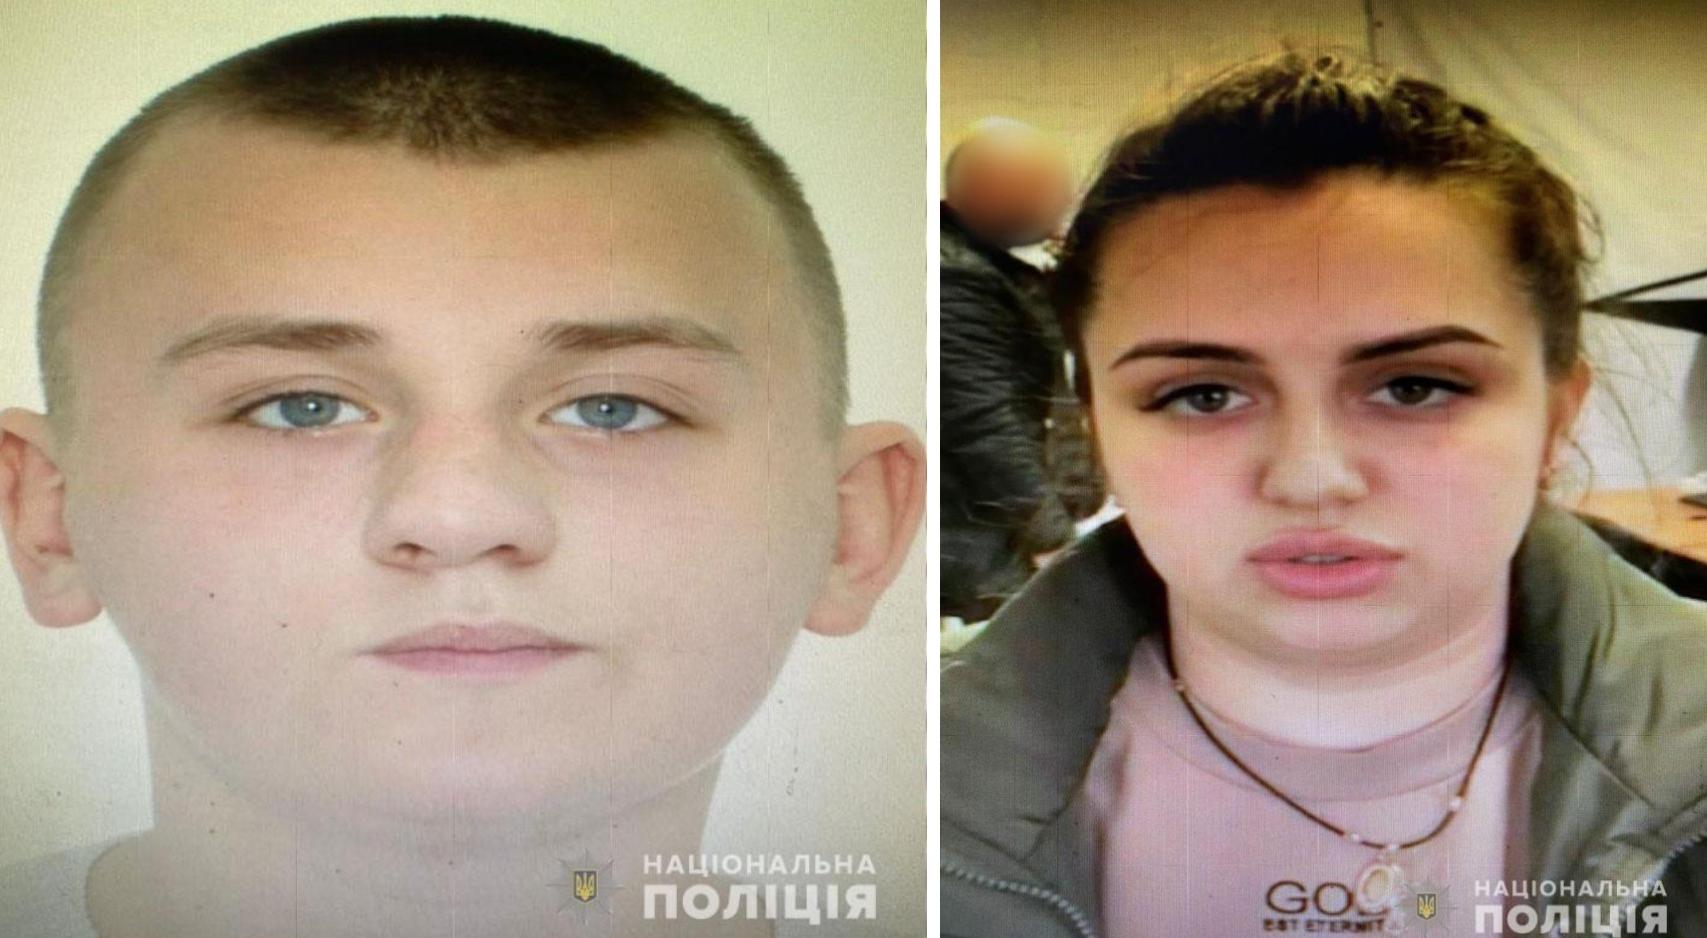 Харьковские полицейские разыскивают молодую пару мошенников (фото)